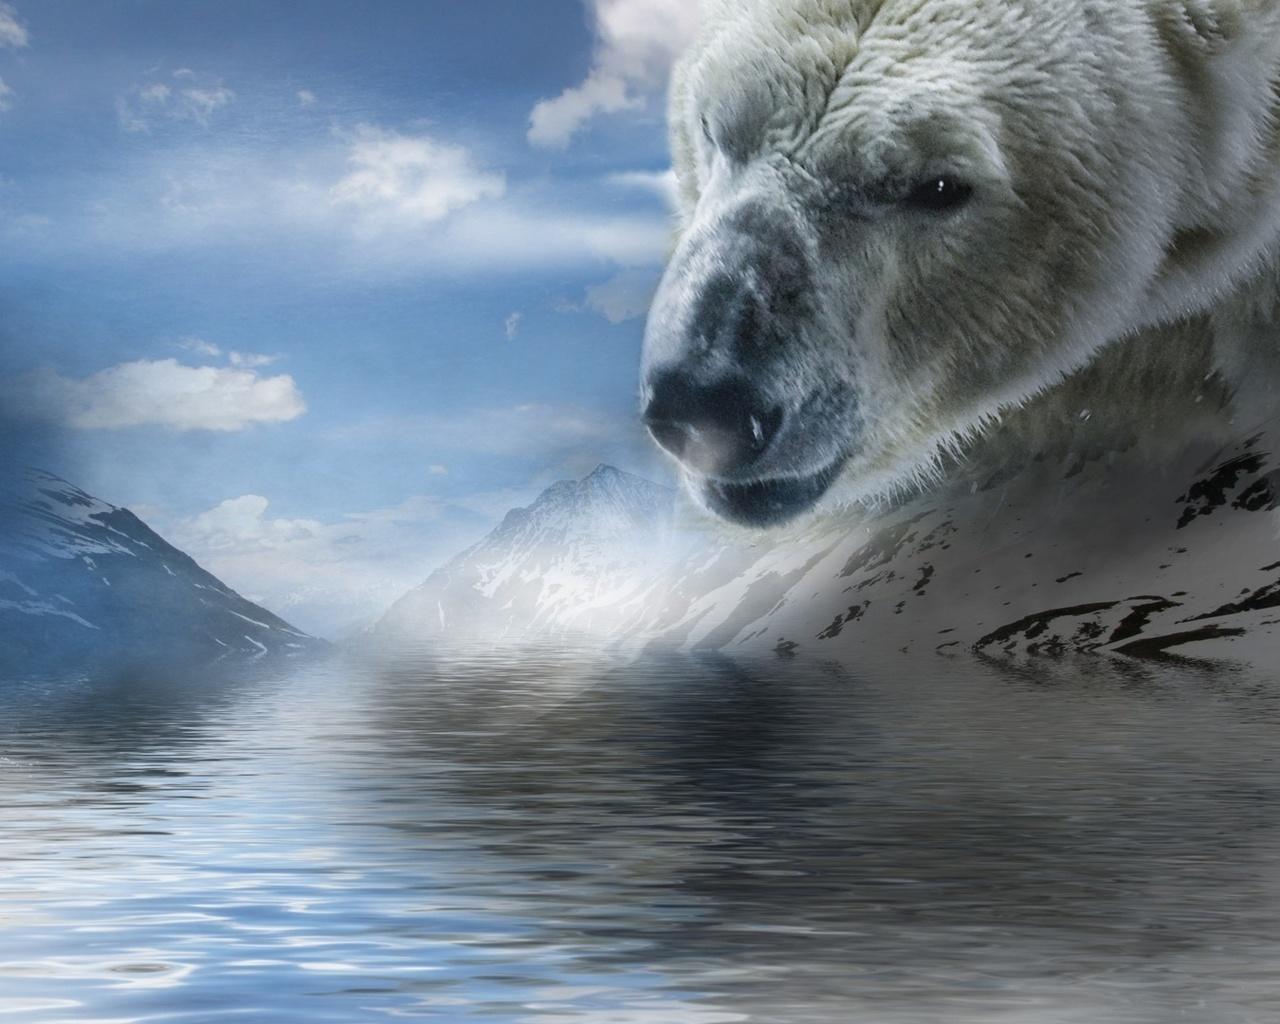 три картинки белых медведей фэнтези коем